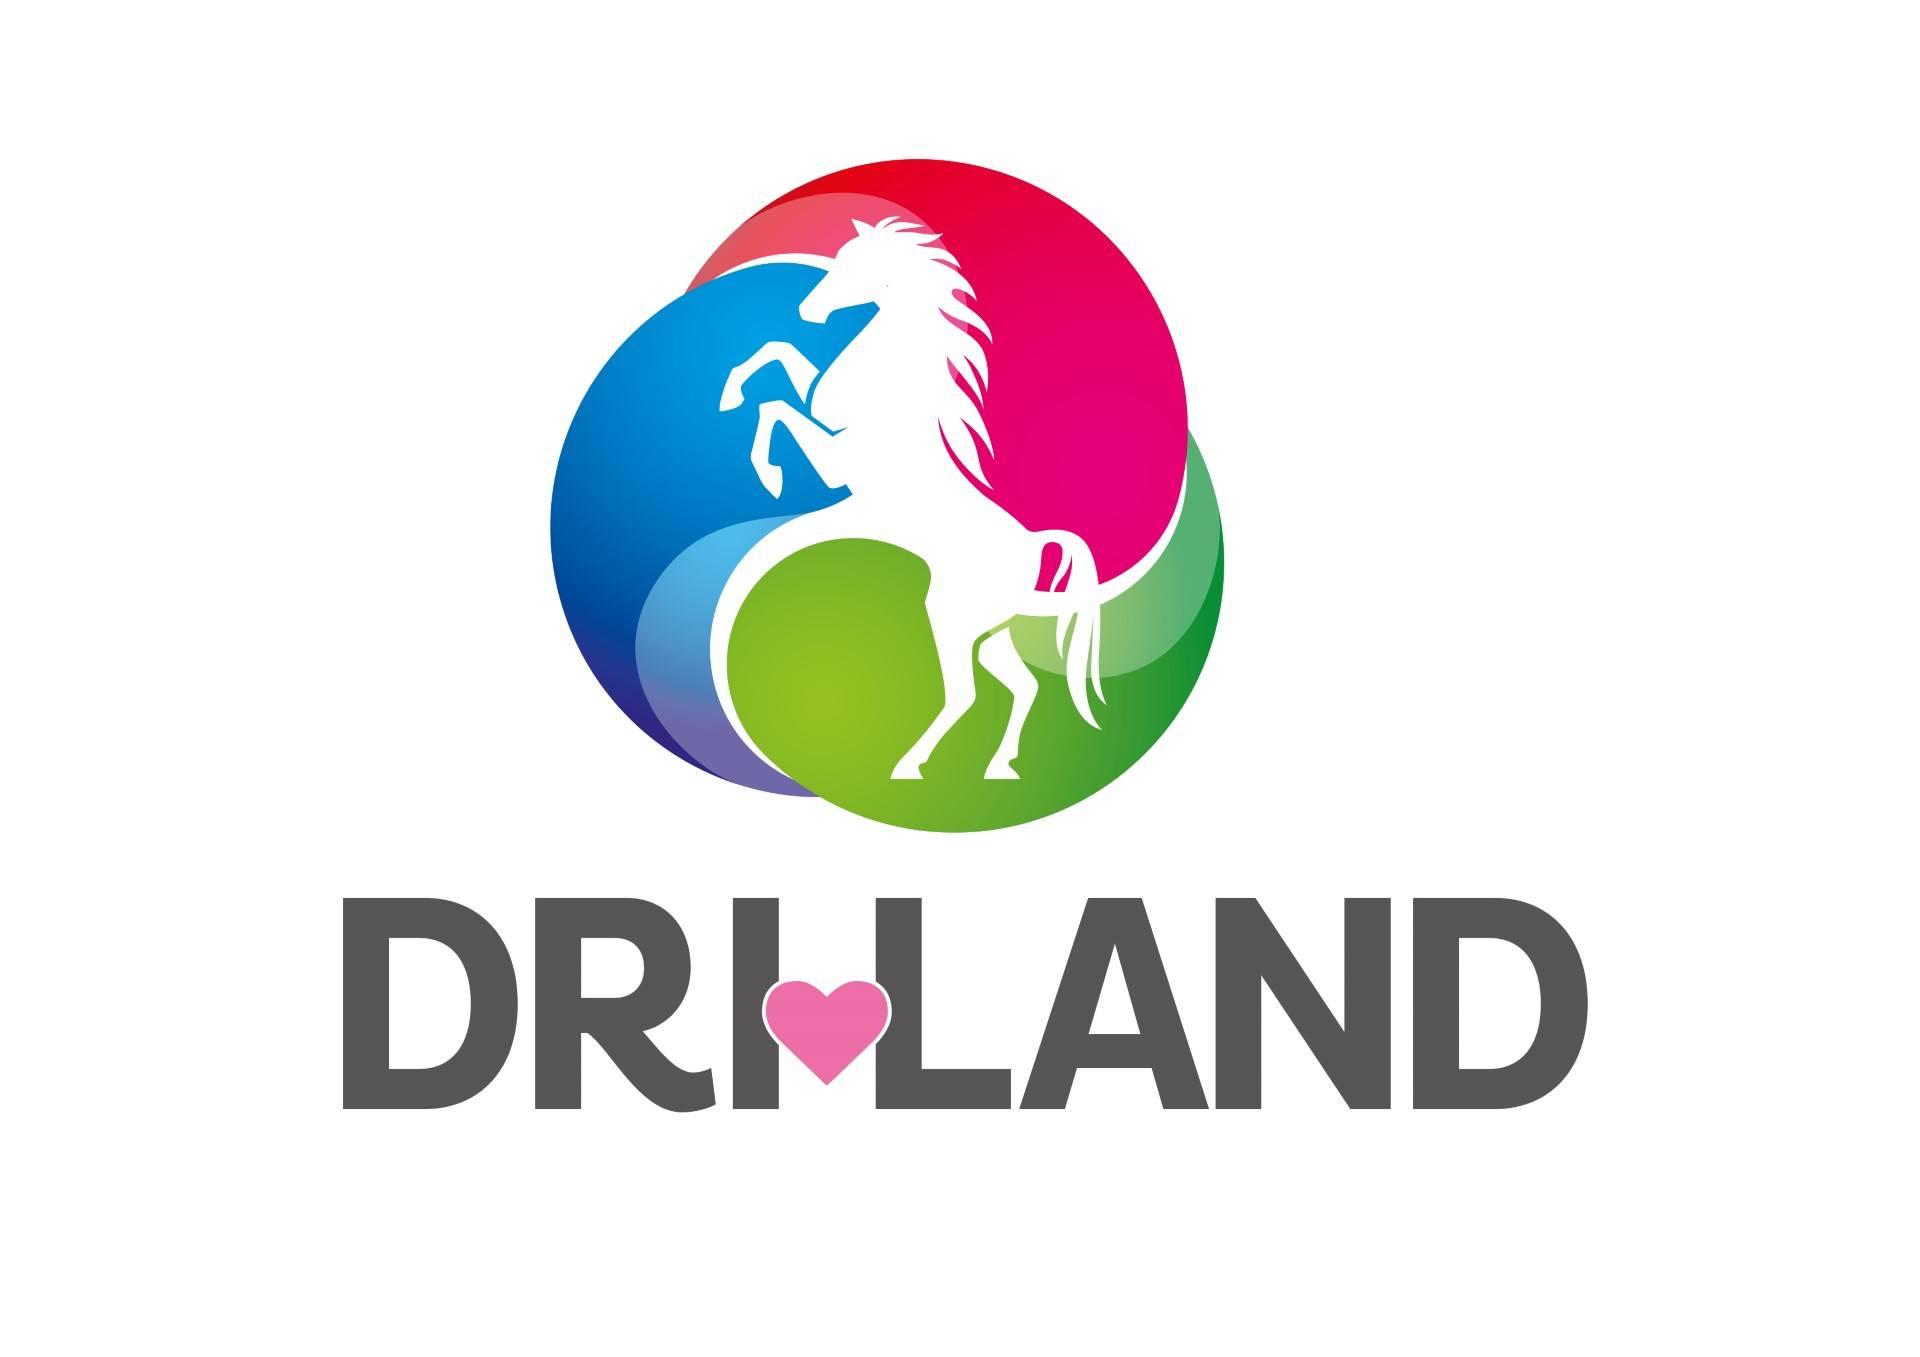 driland-05